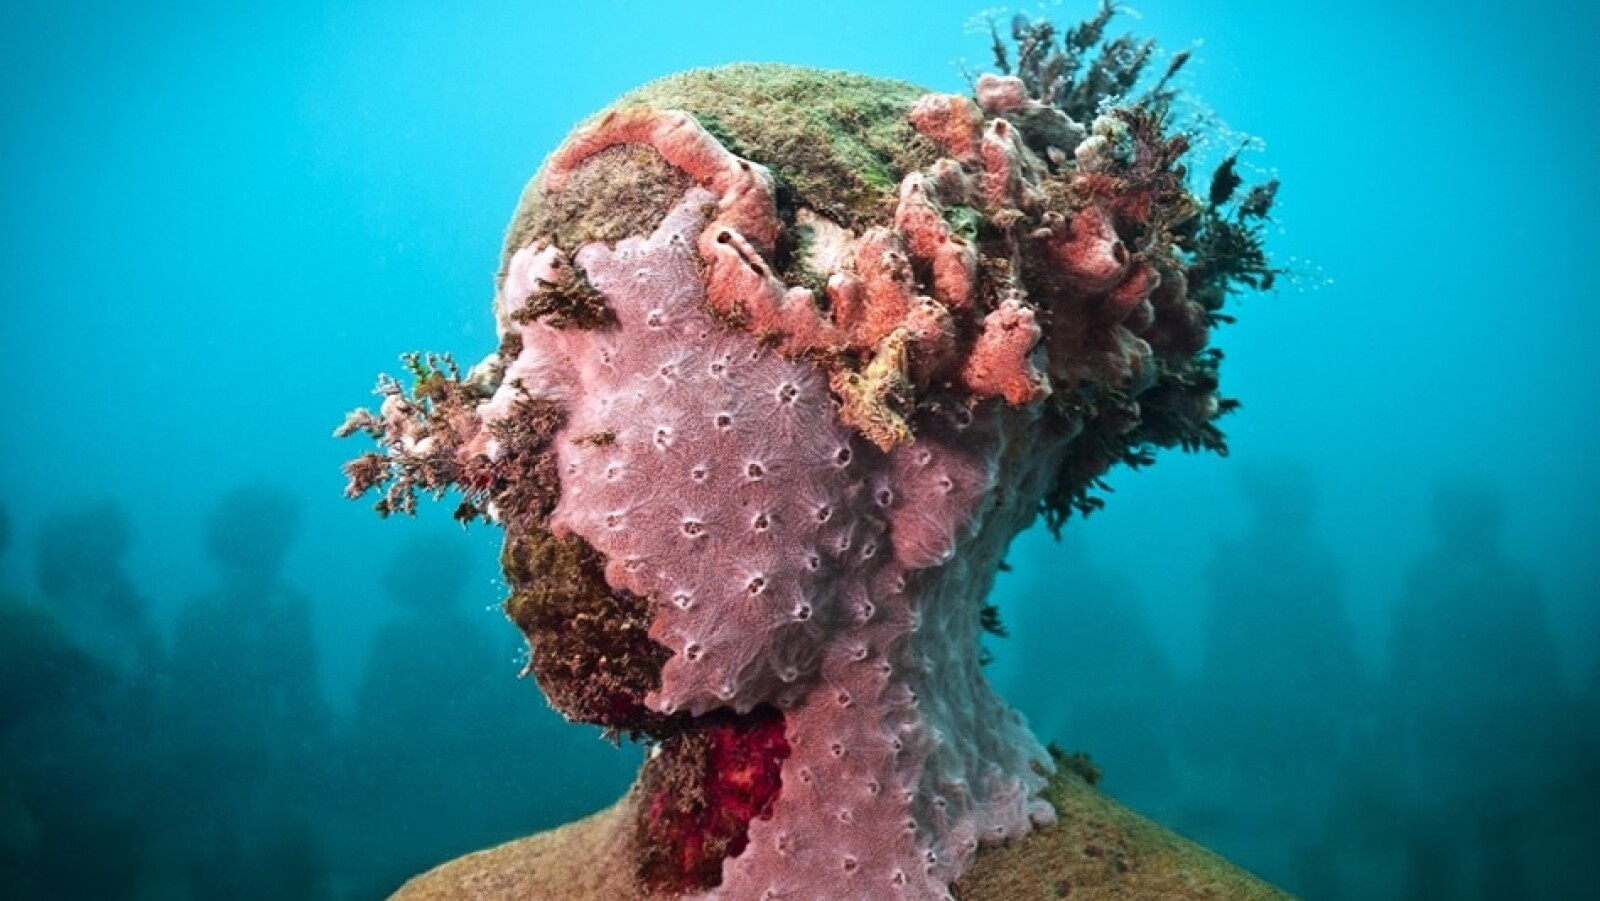 Taylor planta corales en sus esculturas, pero dice que nunca altera los escenarios naturales, y en su lugar utiliza los que fueron cultivados en viveros o fueron dañados por turistas